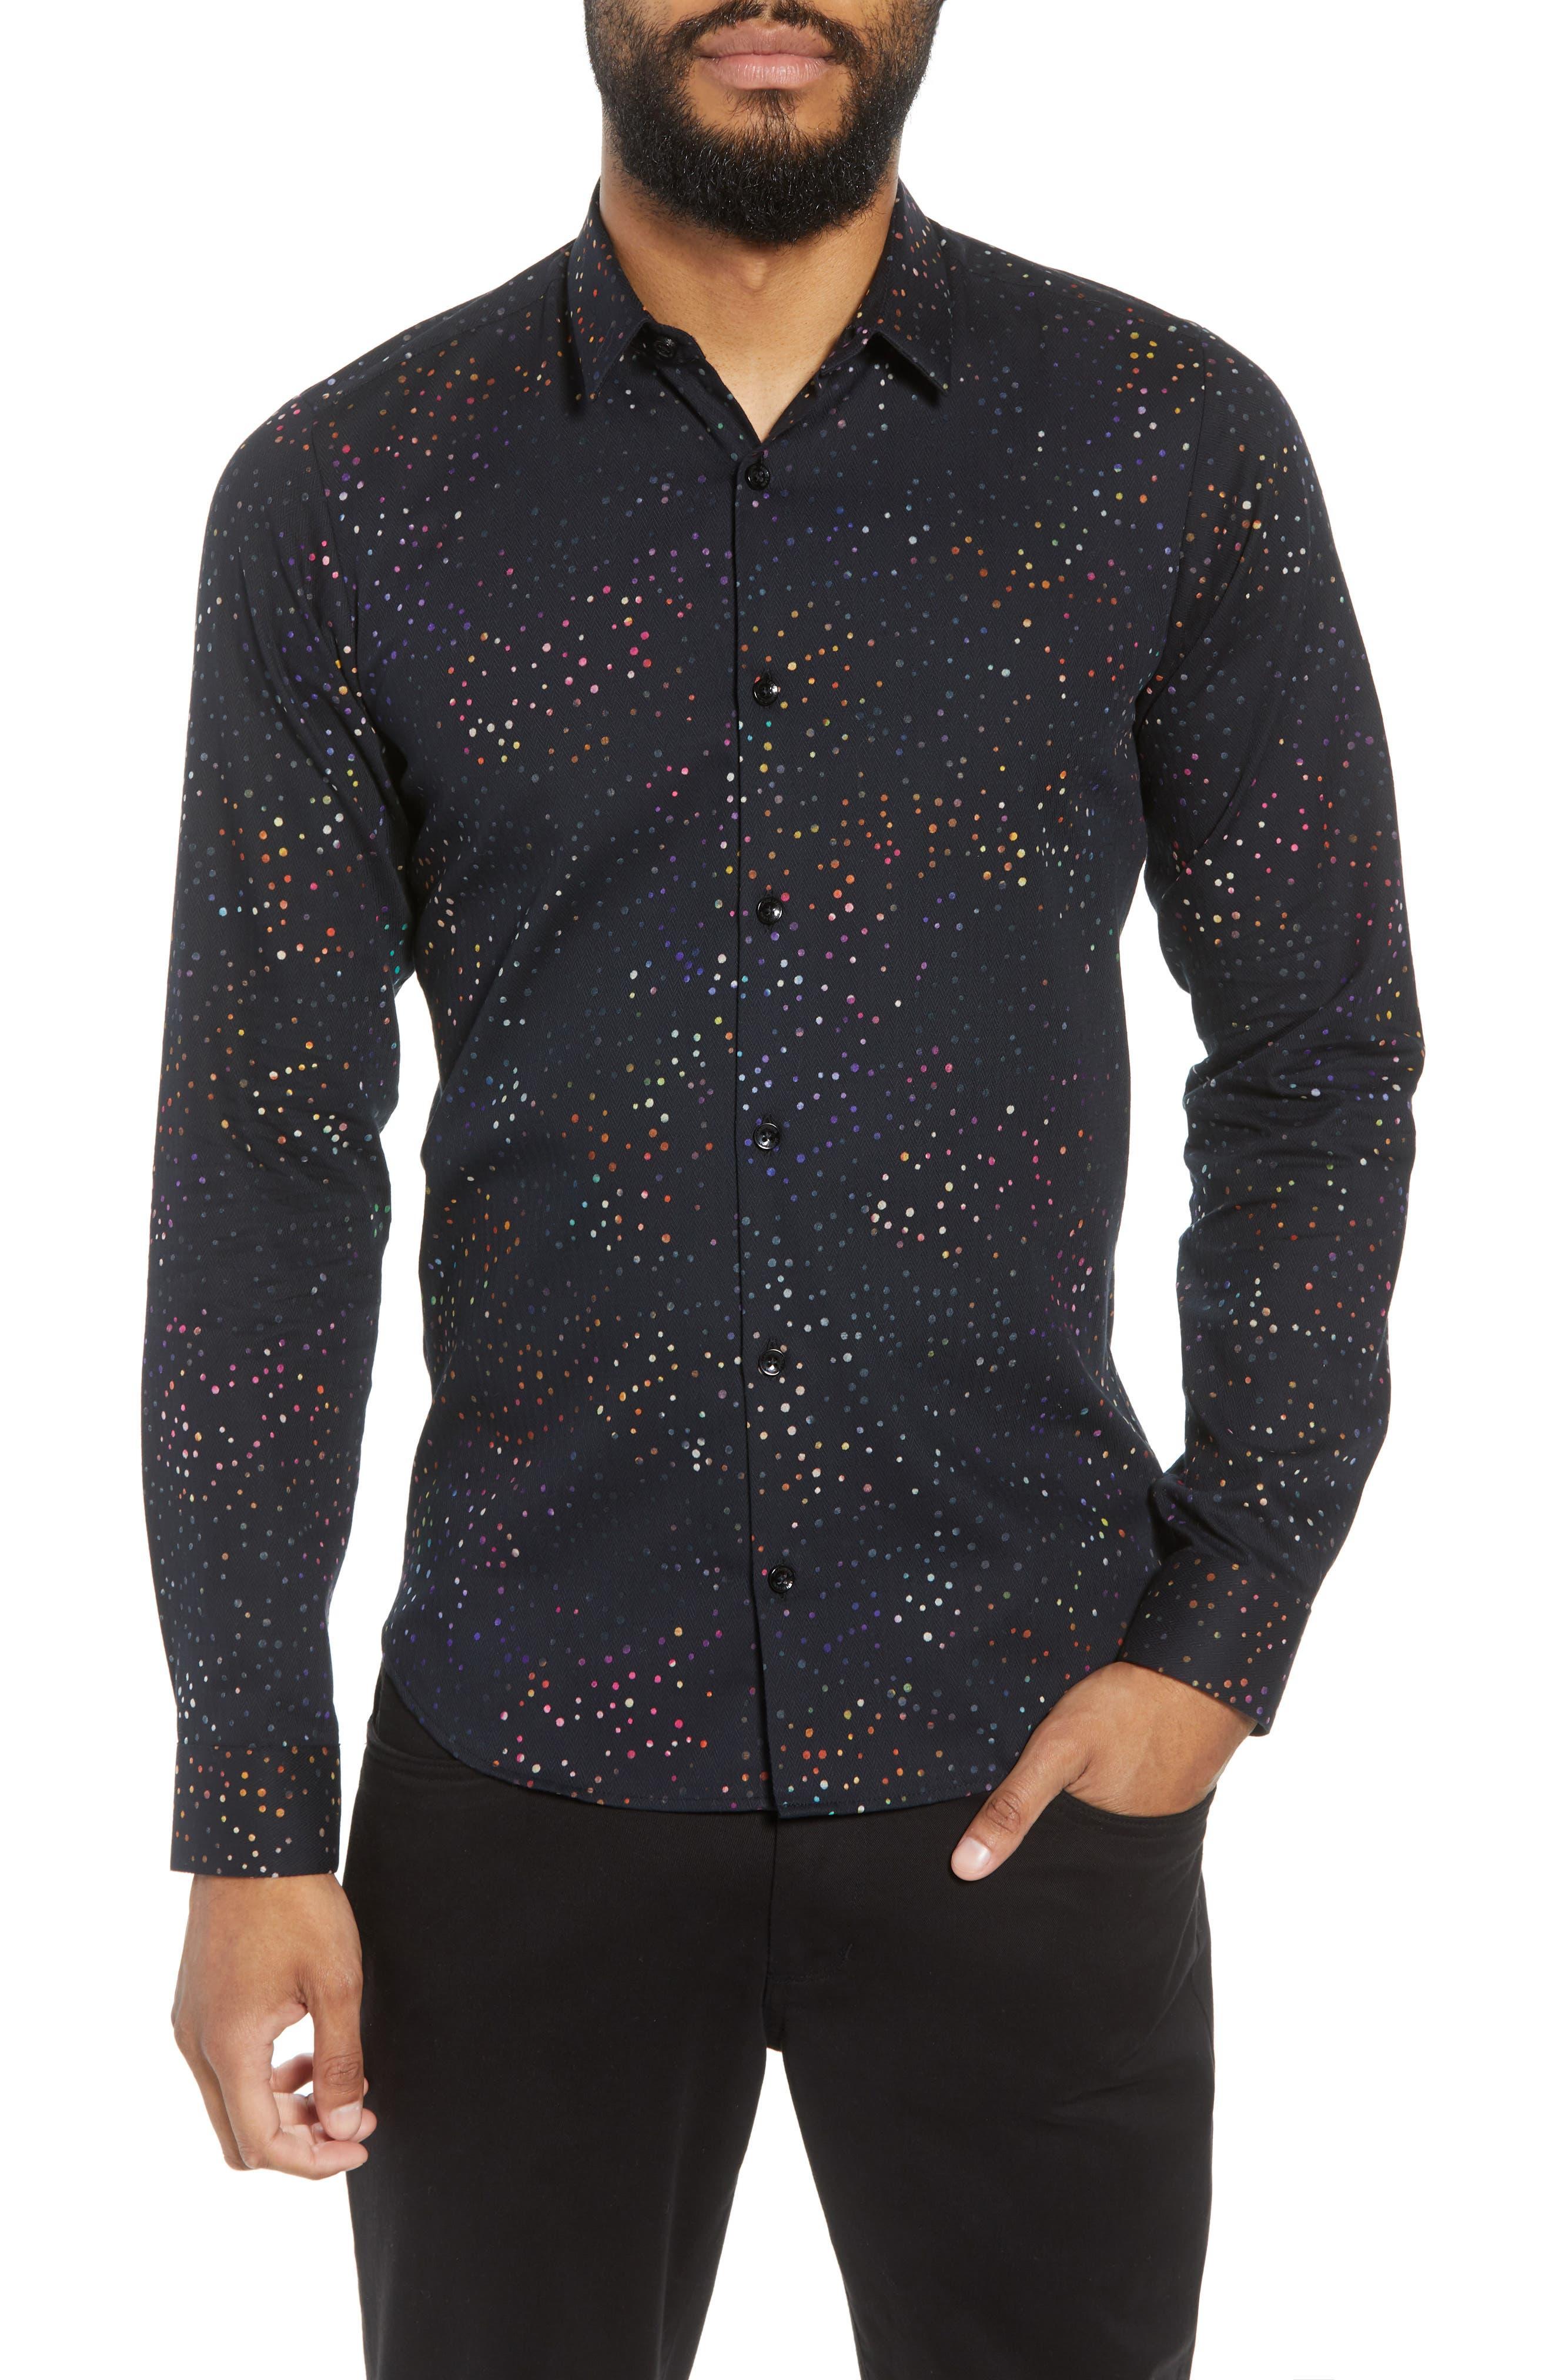 JARED LANG Dot Herringbone Sport Shirt, Main, color, BLACK MULTI COLORED DOTS